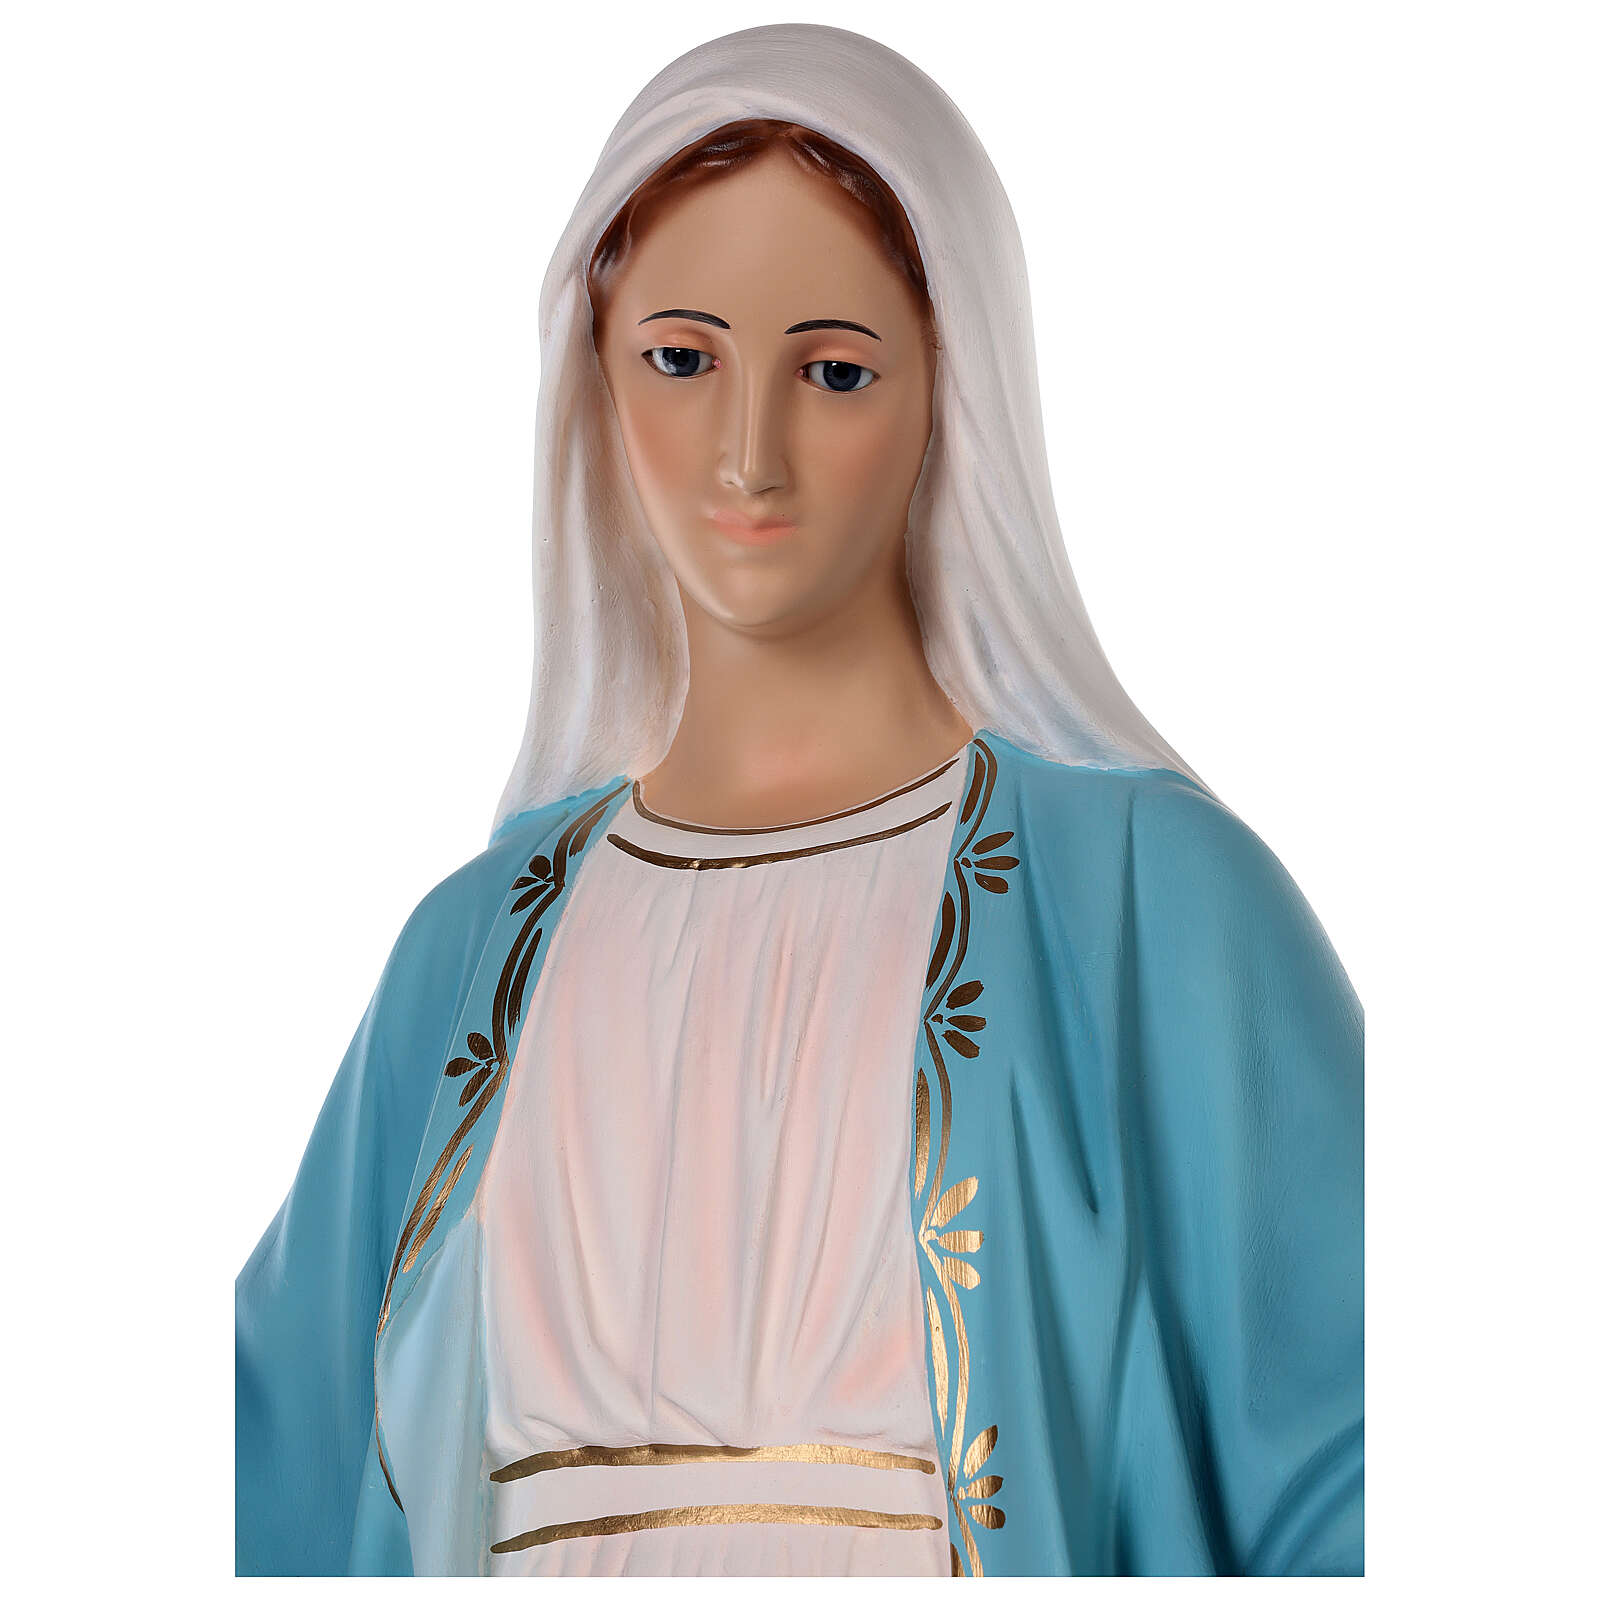 Statua Madonna Miracolosa vetroresina colorata 85 cm occhi vetro 4